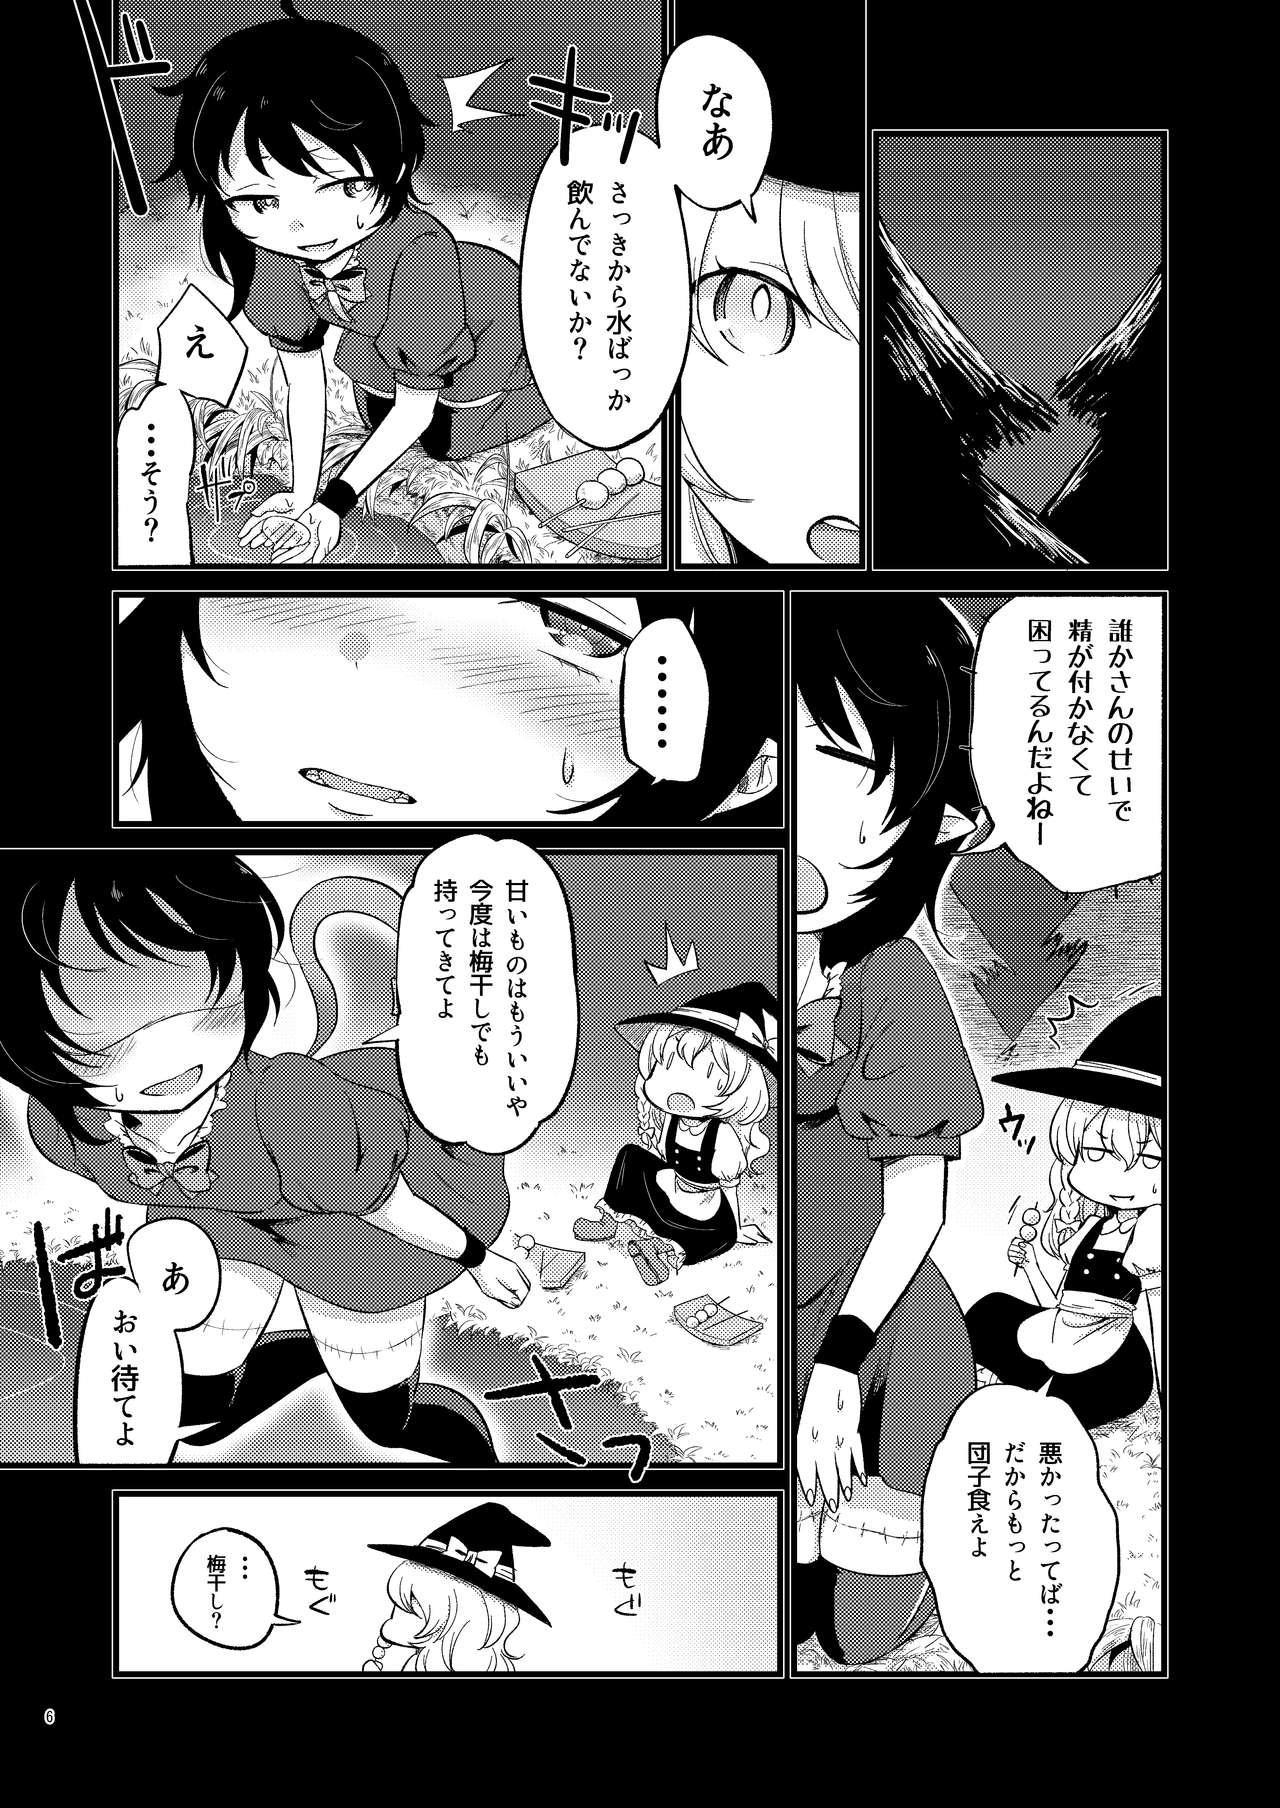 Hyakumannin no Yoru 5